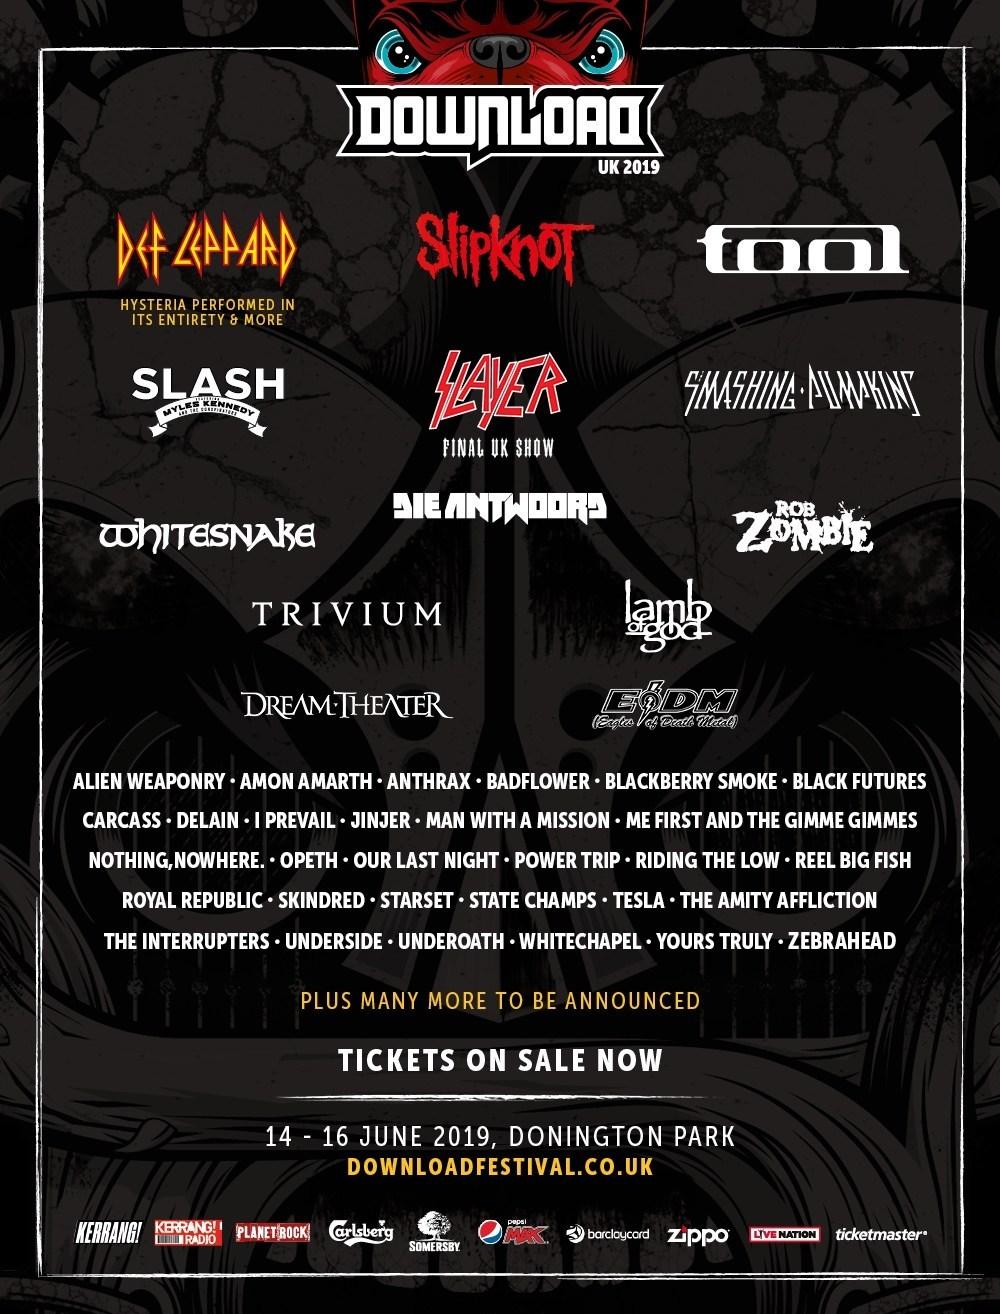 Underside To Bang On Download Fest UK Alongside Slipknot, Def Leppard, Tool, Lamb of God, Slayer 2